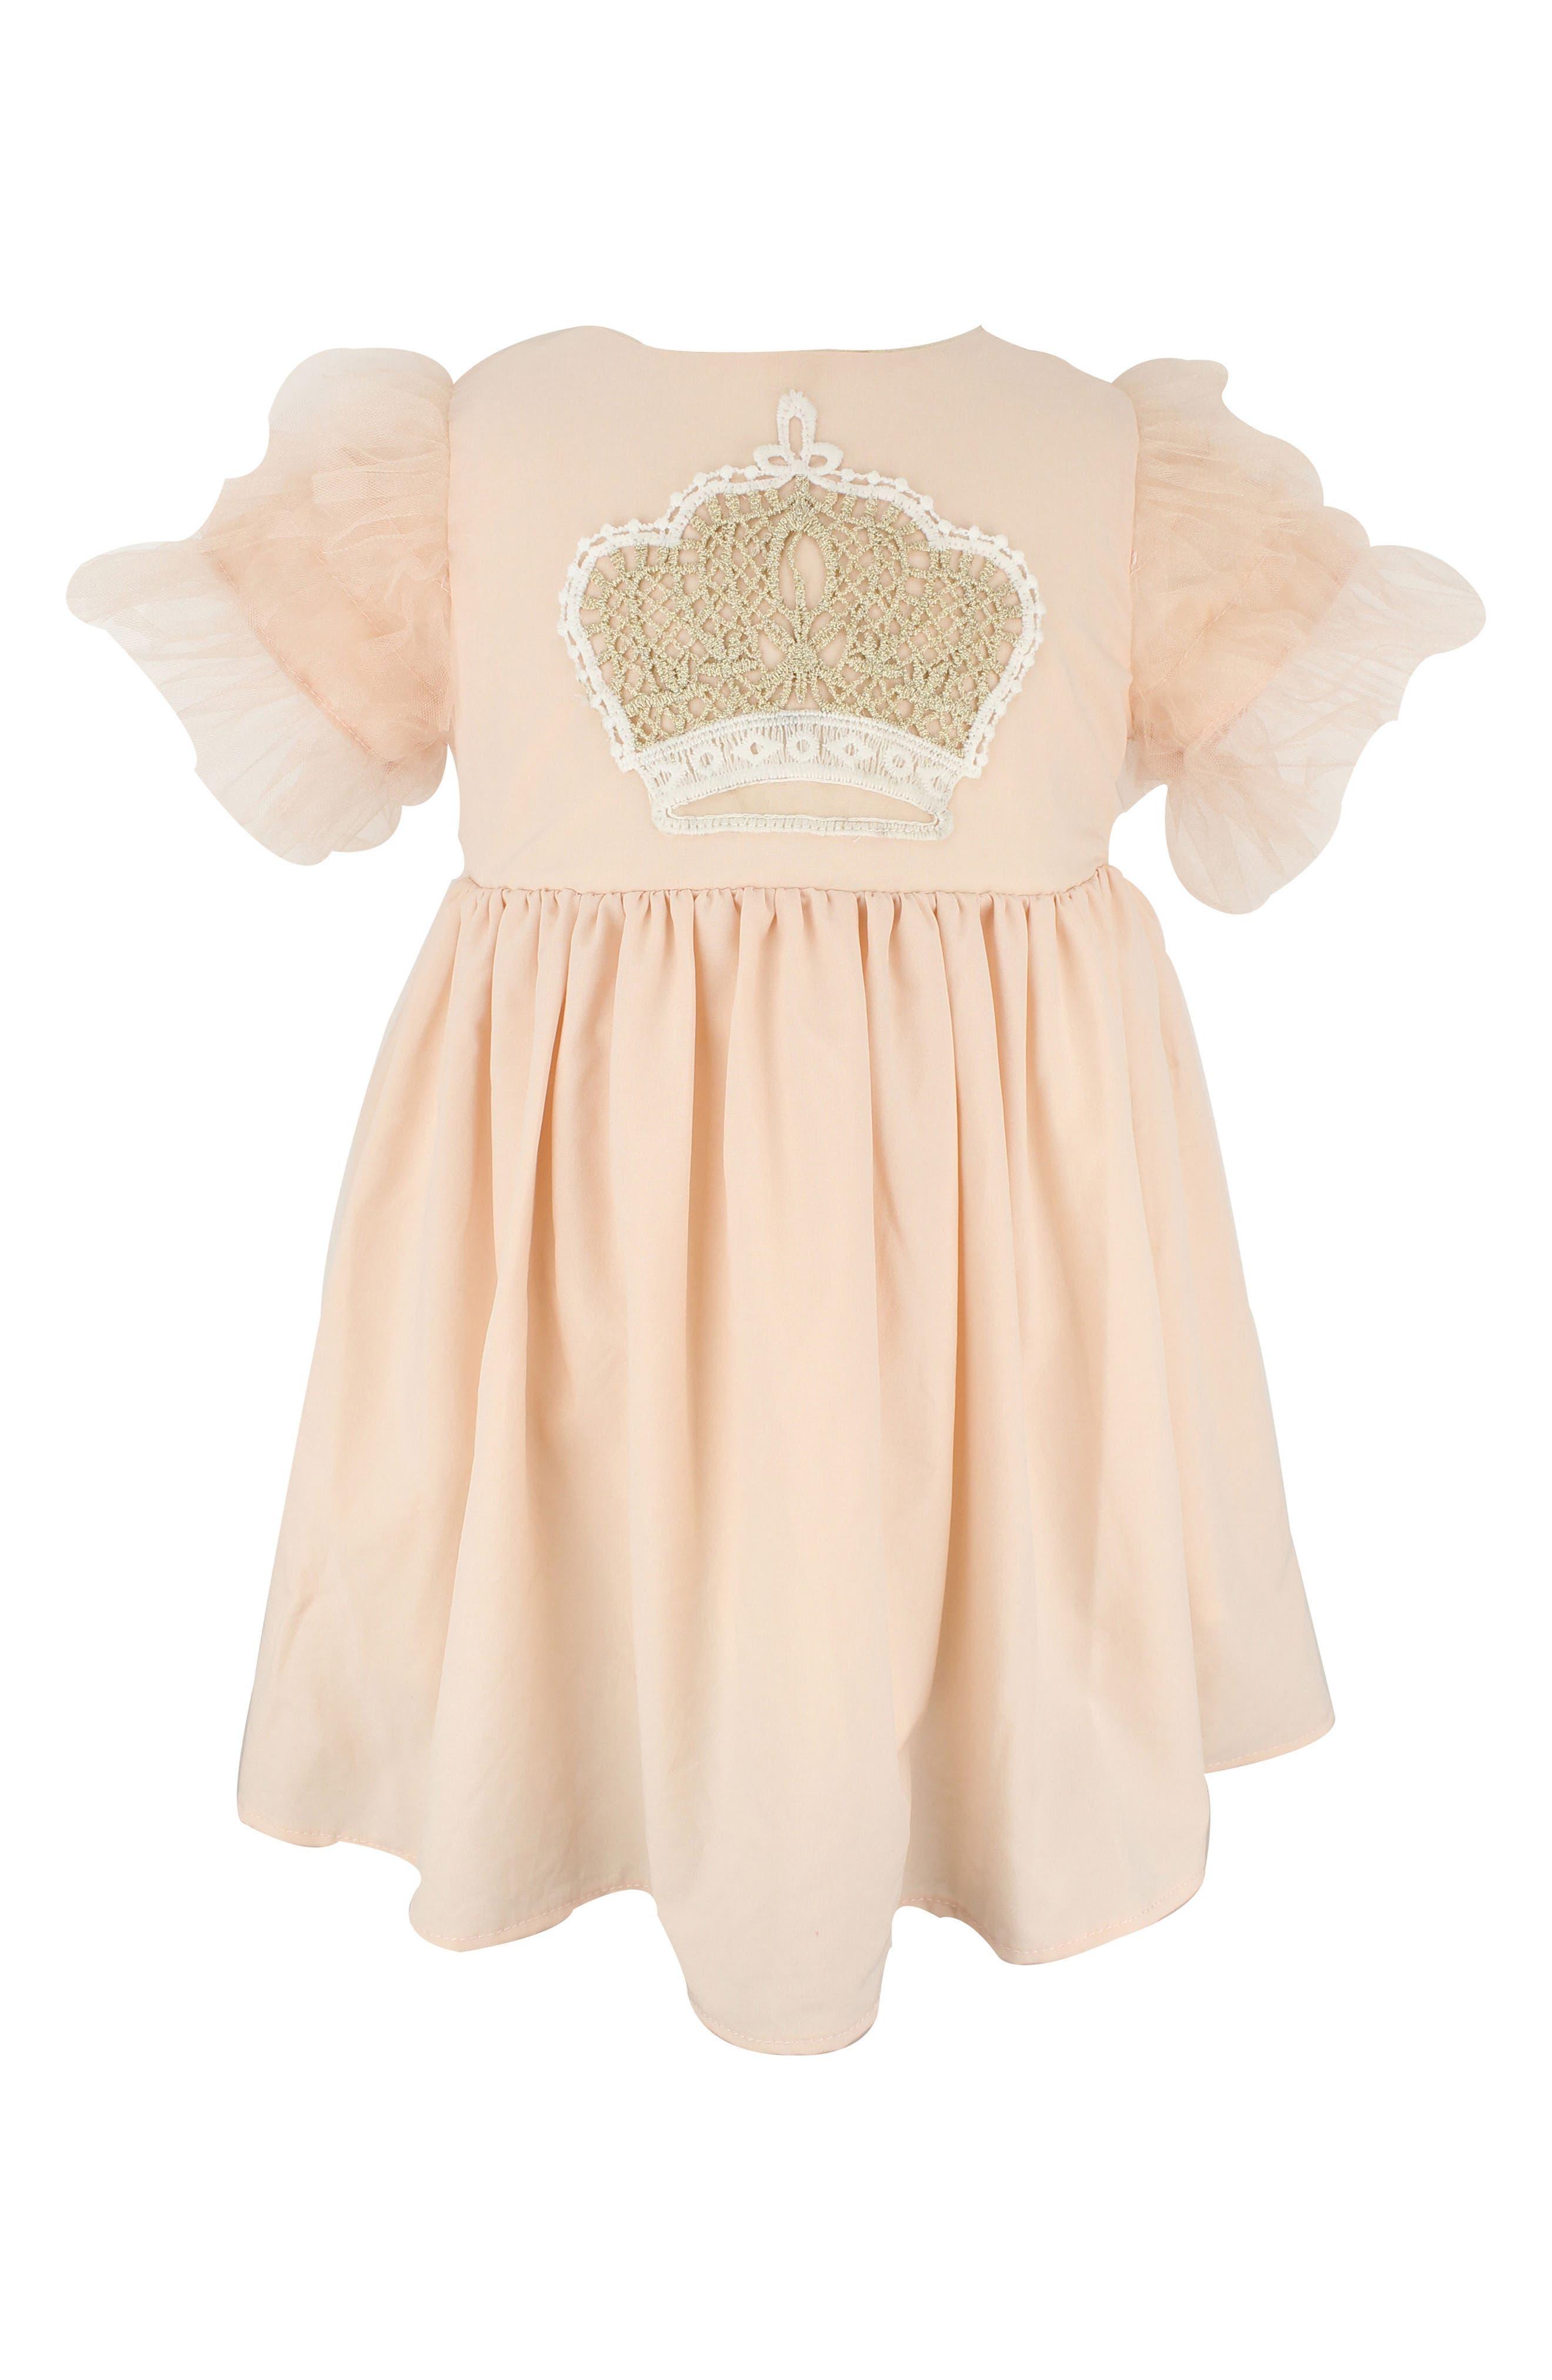 Crown Appliqué Dress,                         Main,                         color, Peach